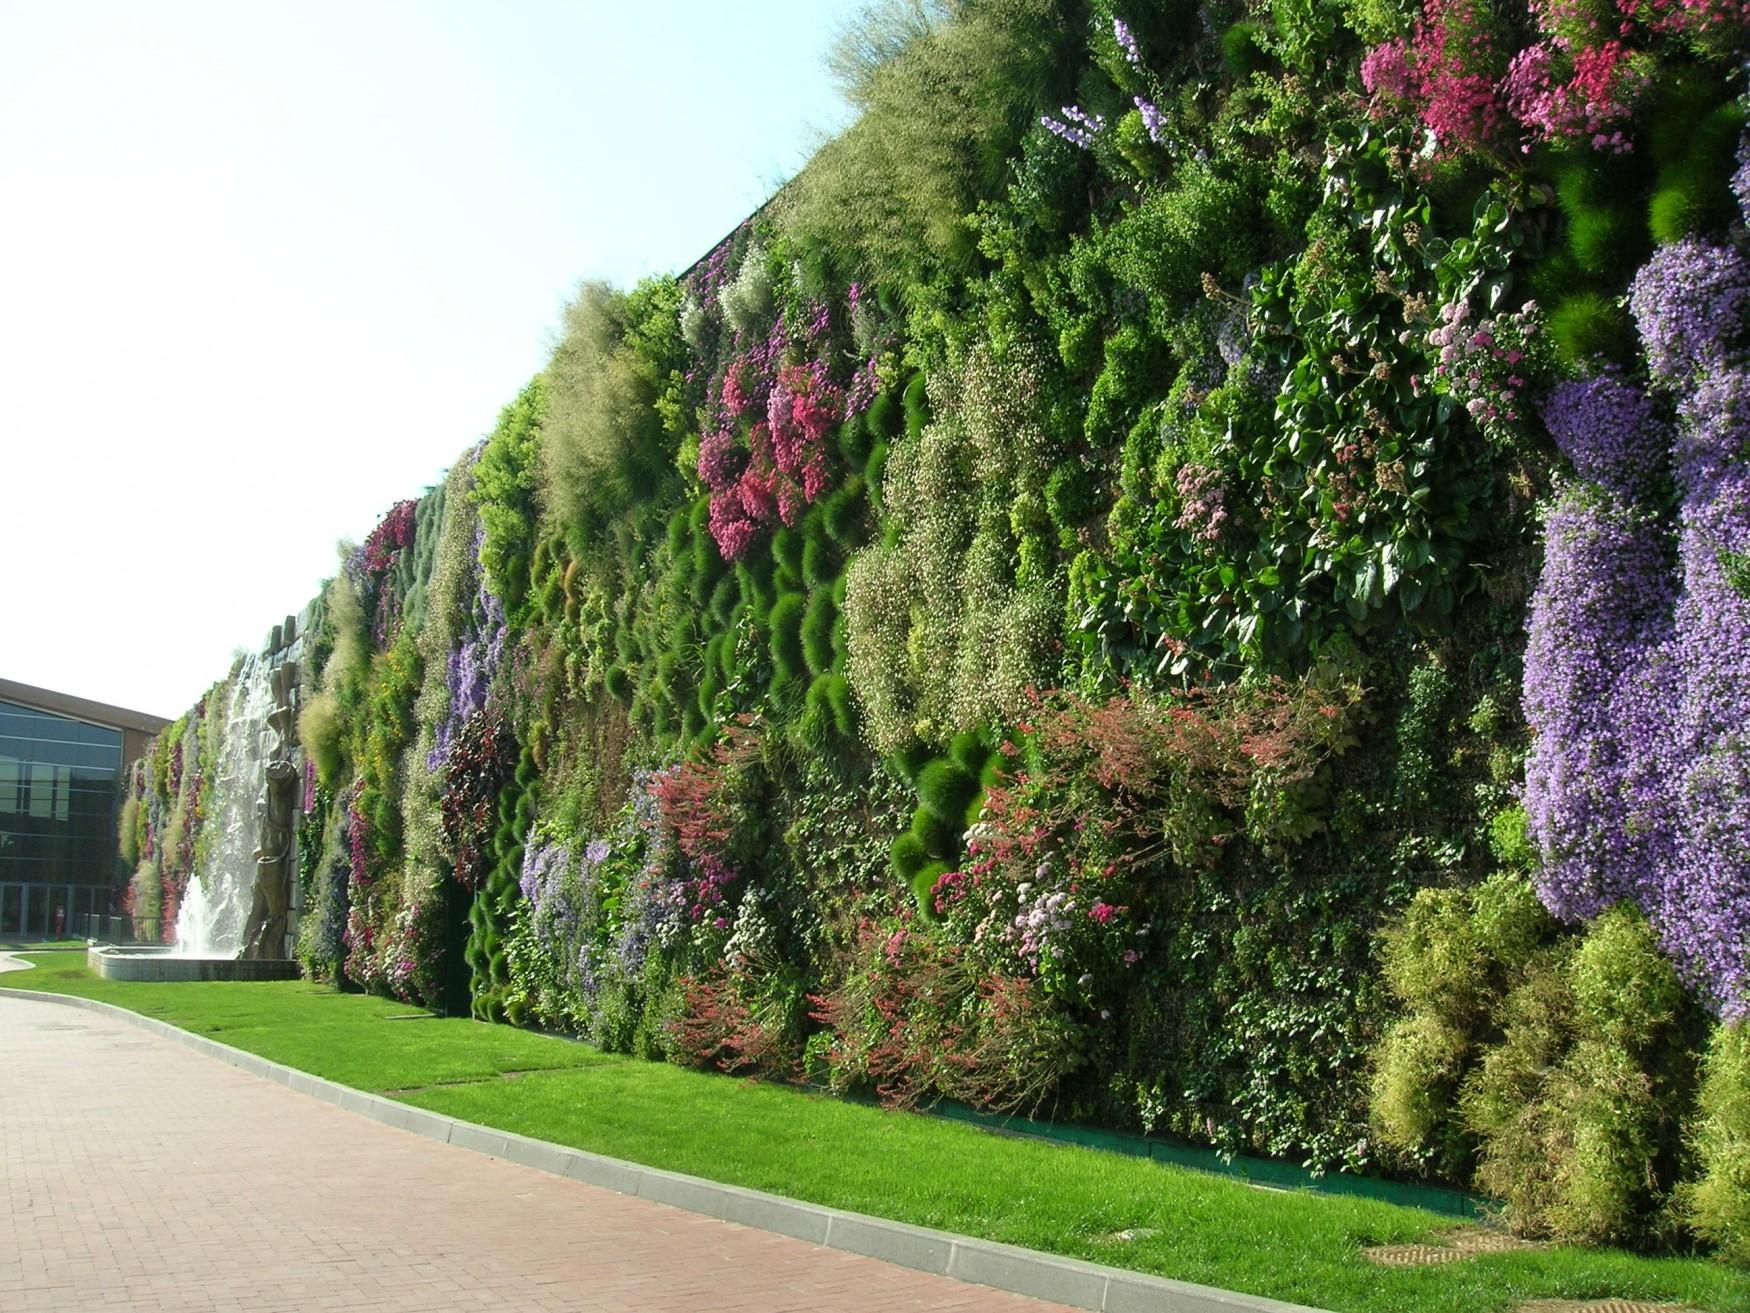 A Rozzano Il Giardino Verticale Pi Grande Del Mondo Foto